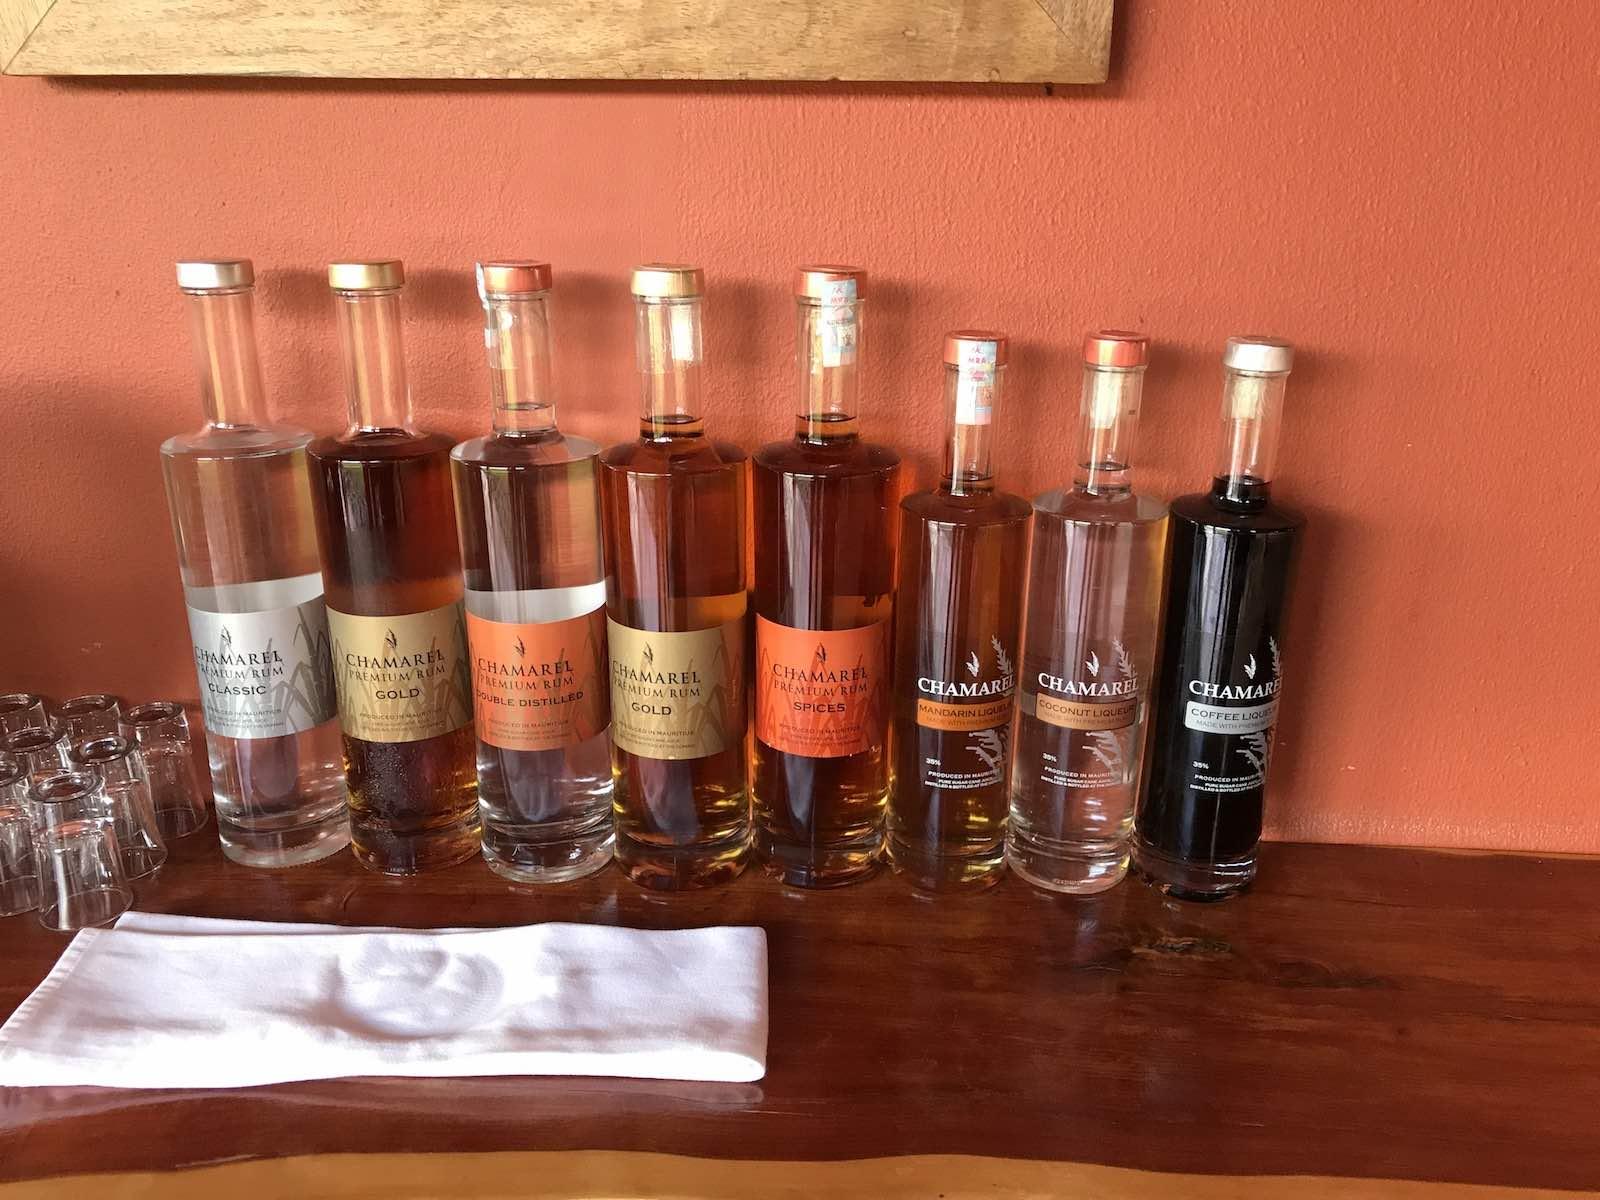 Die fruchtigen Chamarel Rum Liköre